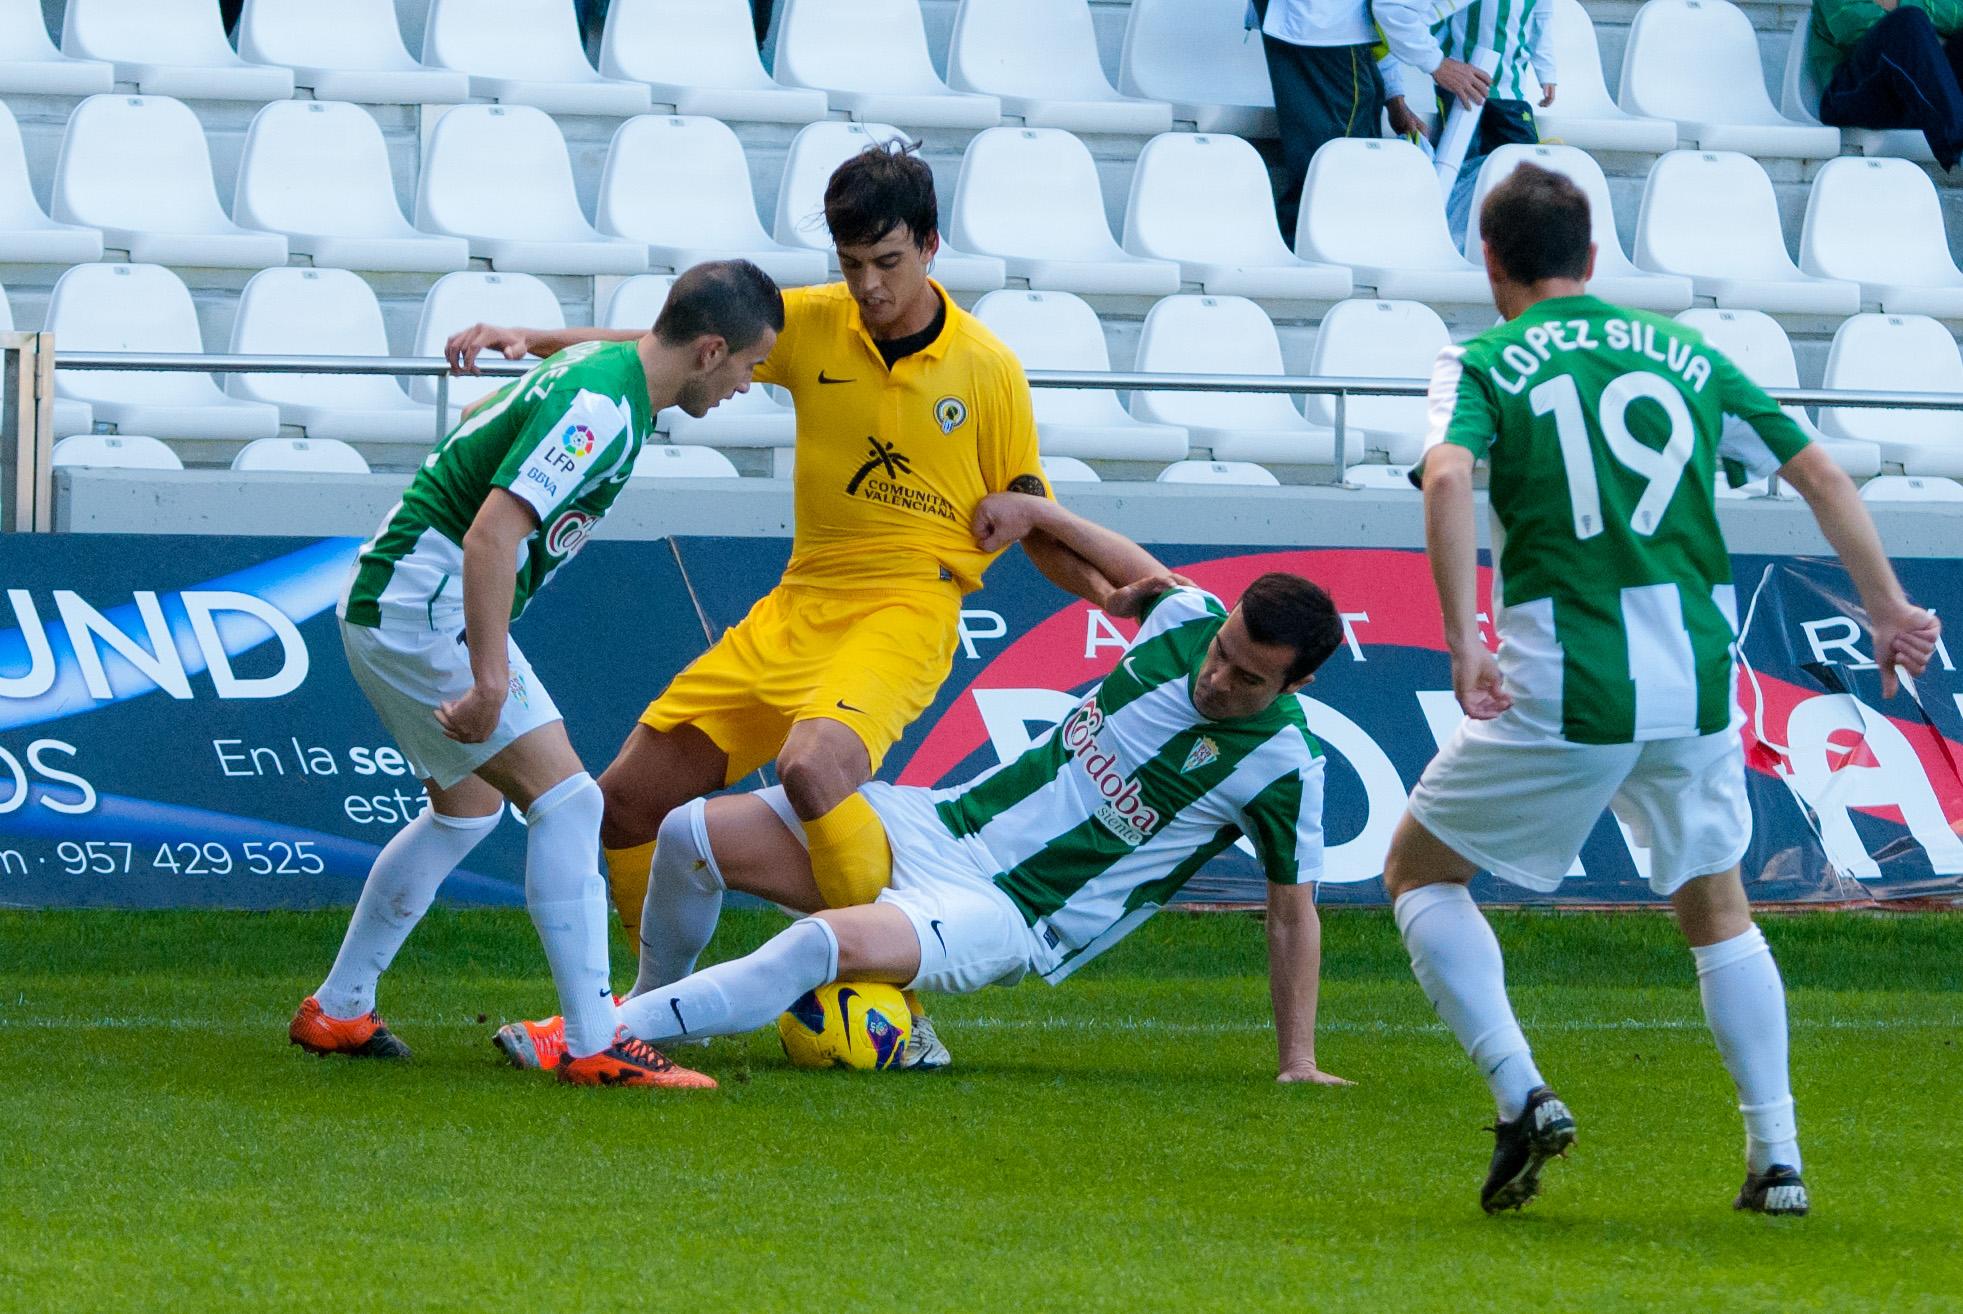 Kèo nhà cái Granada vs Las Palmas